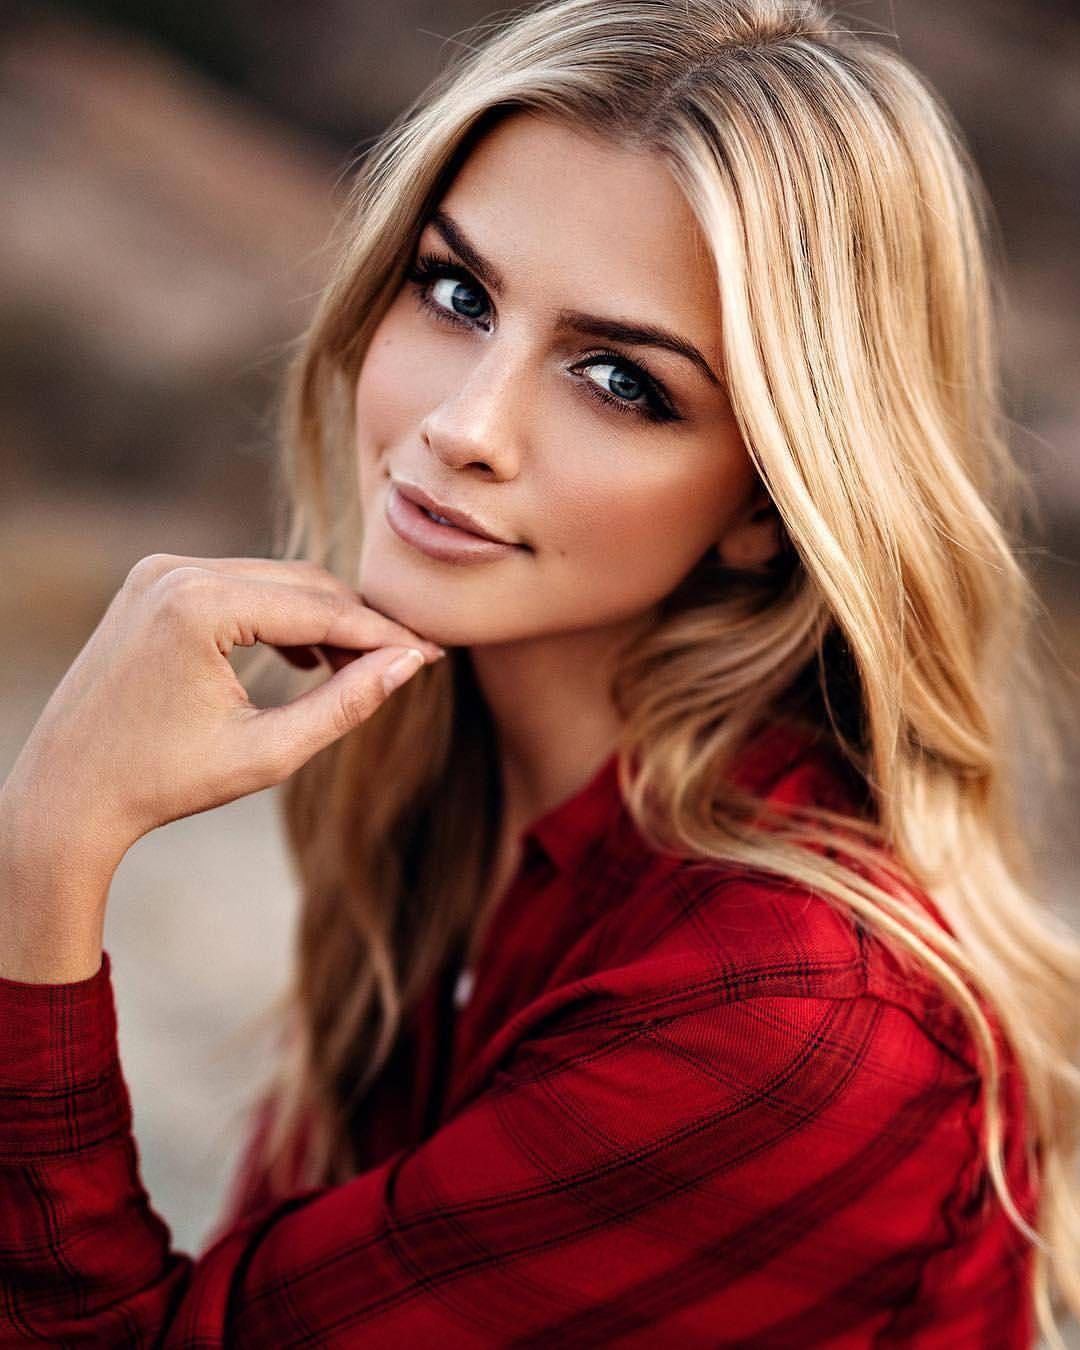 Картинки фото красивые женщины